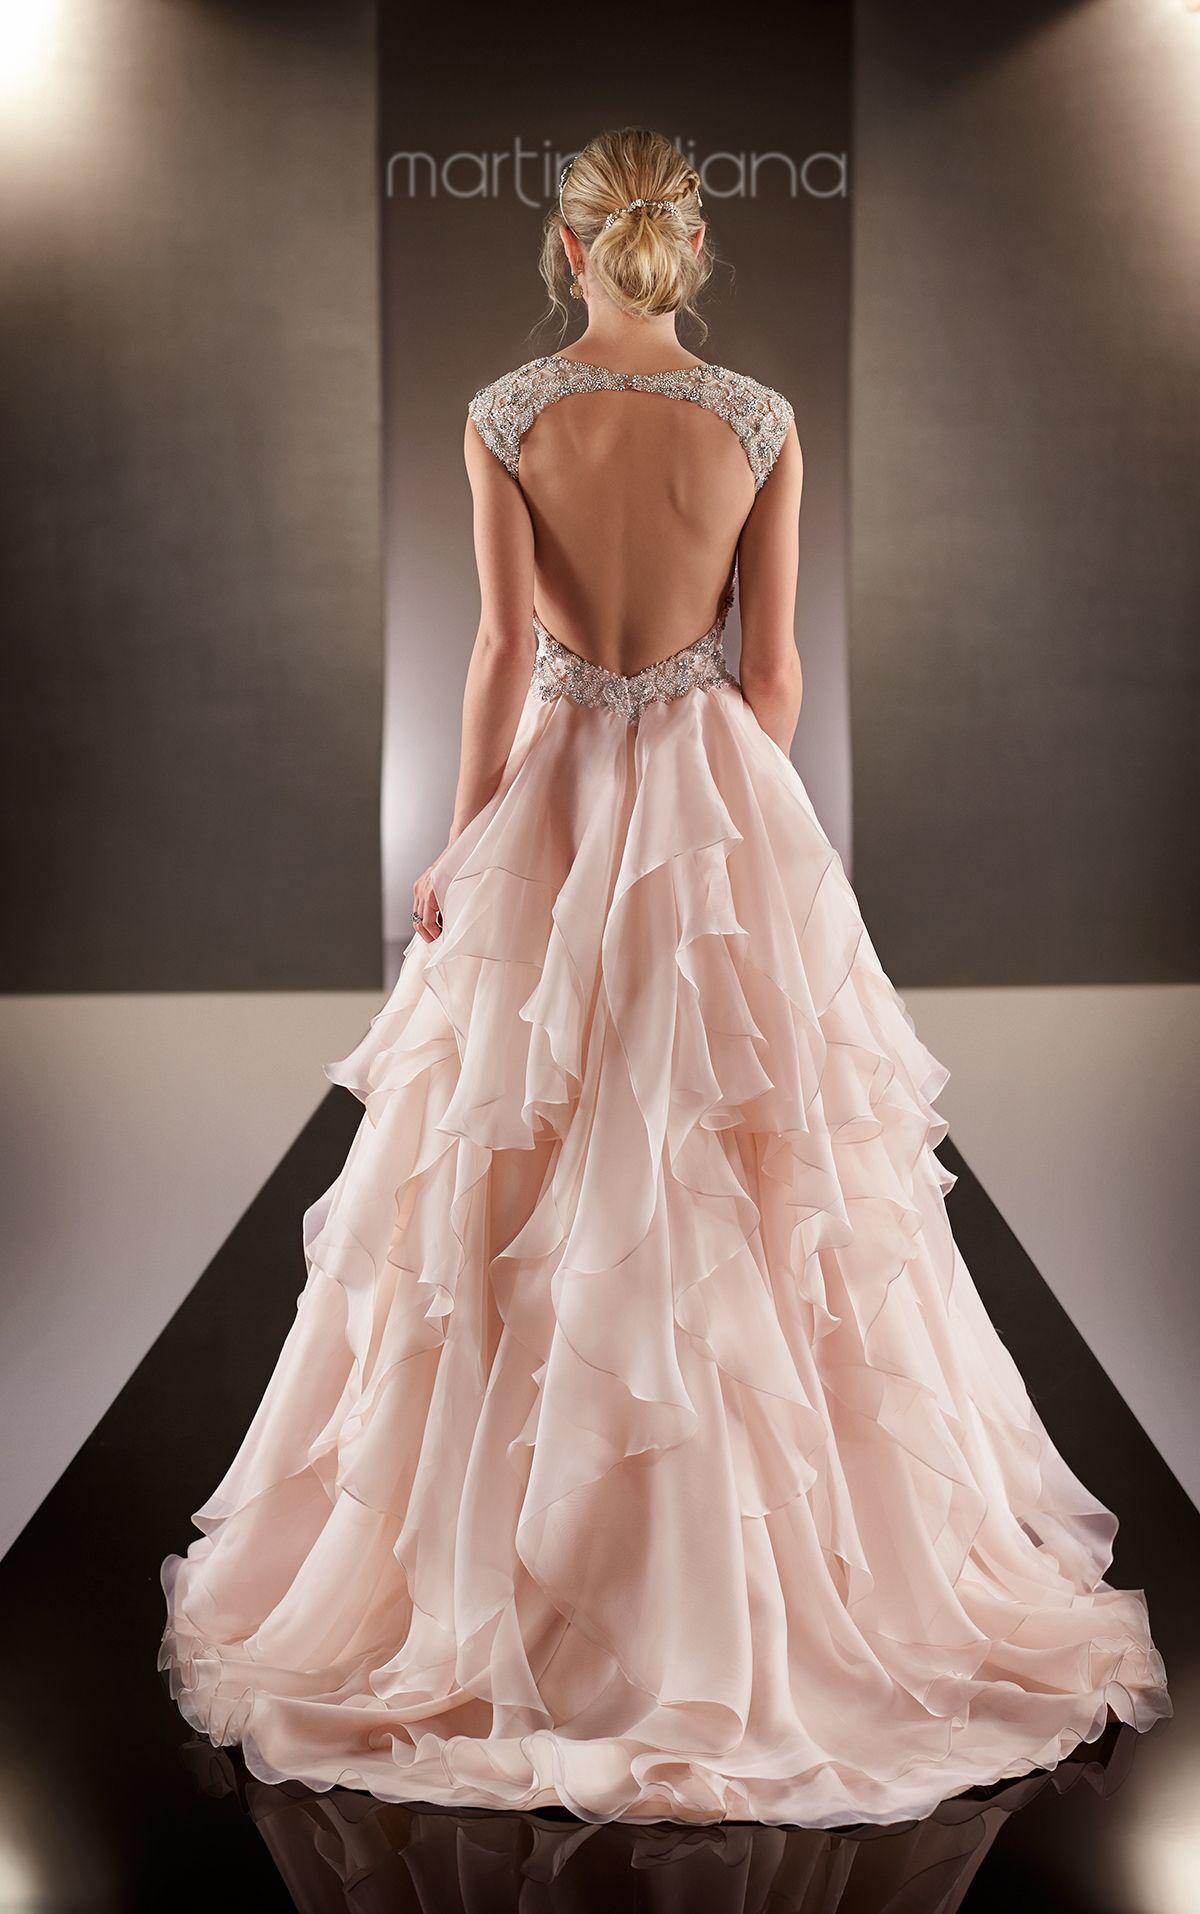 Organza Fit and Flare Wedding Gown | Ropa de fiesta, Fiestas y Novios